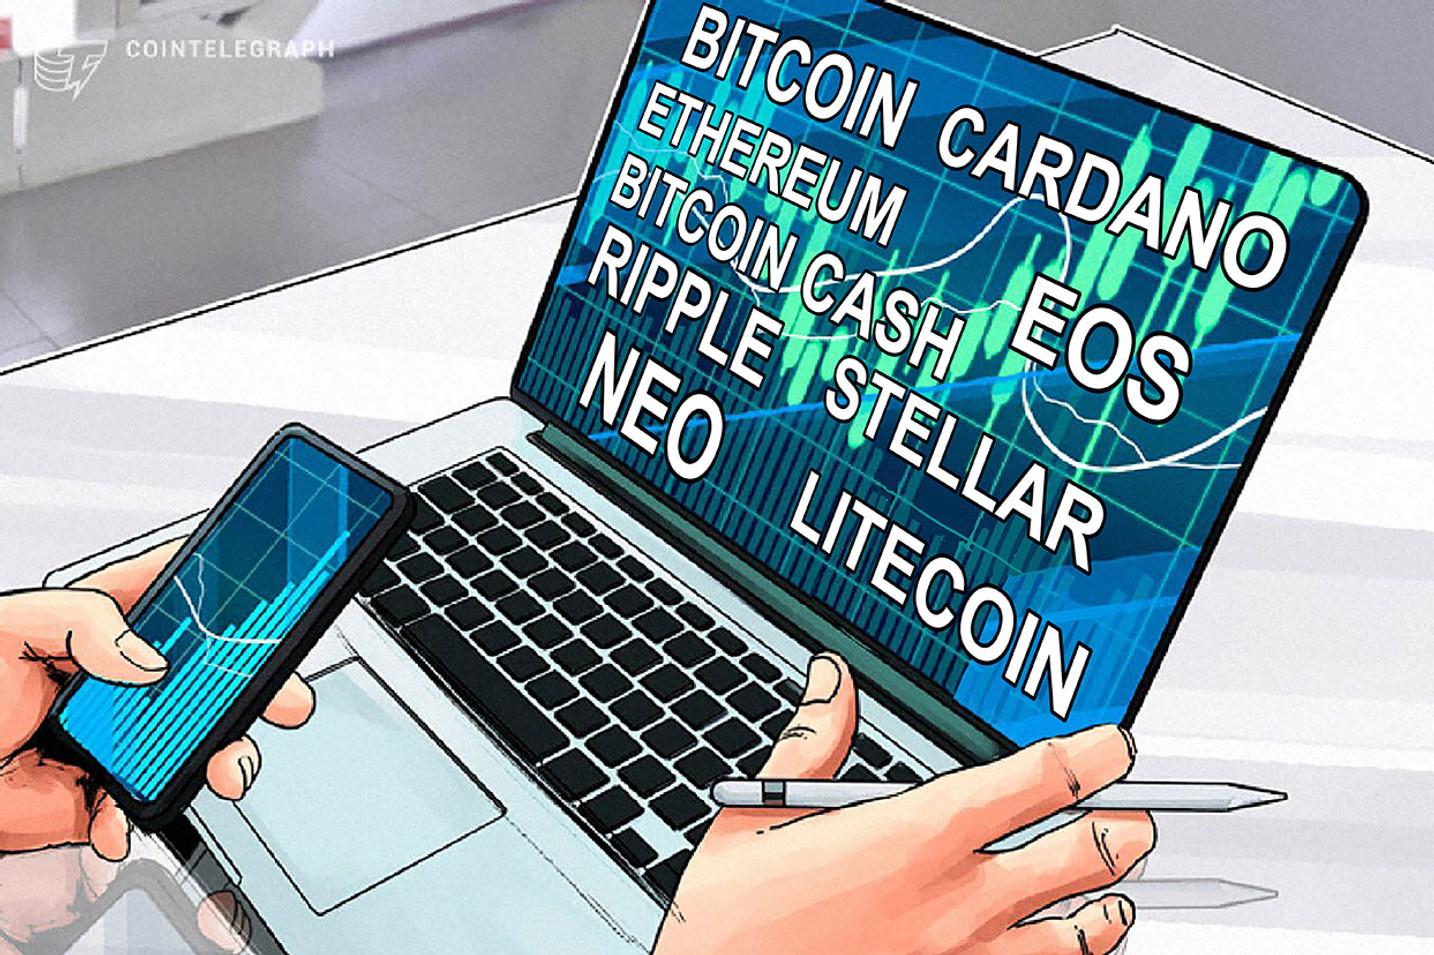 Análise de preços, 26 de Março: Bitcoin, Ethereum, Bitcoin Cash, Ripple, Stellar, Litecoin, Cardano, NEO e EOS